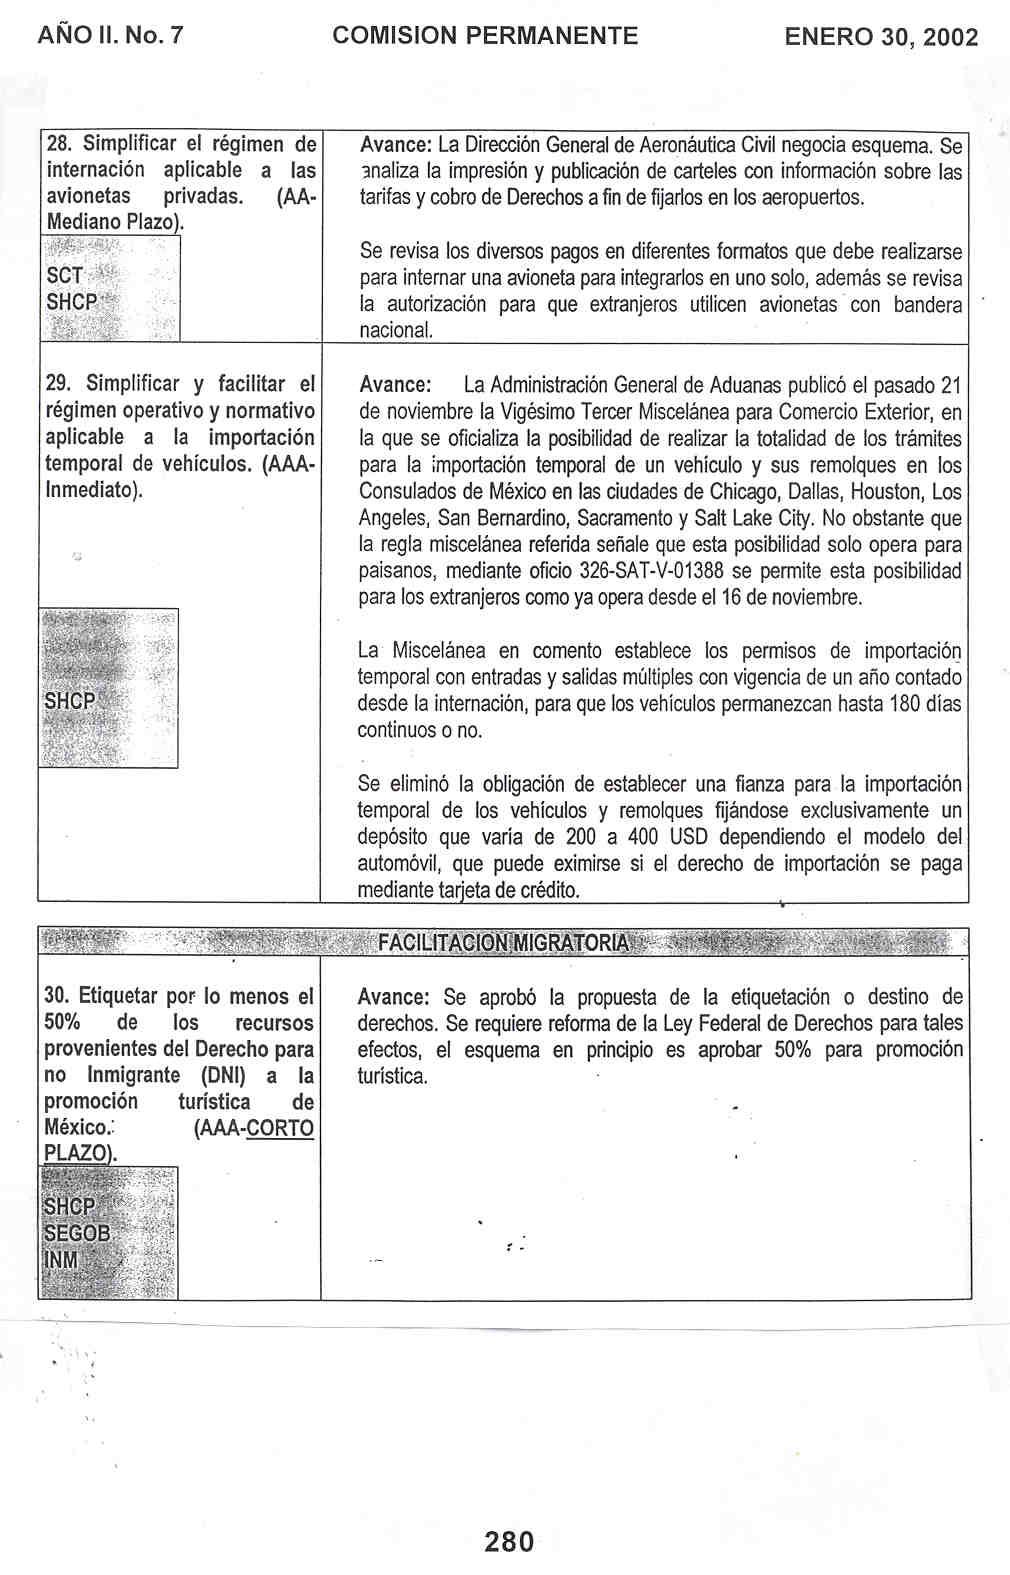 Diario de Debates No. 7, 30 de enero de 2002, Comisión permanente ...